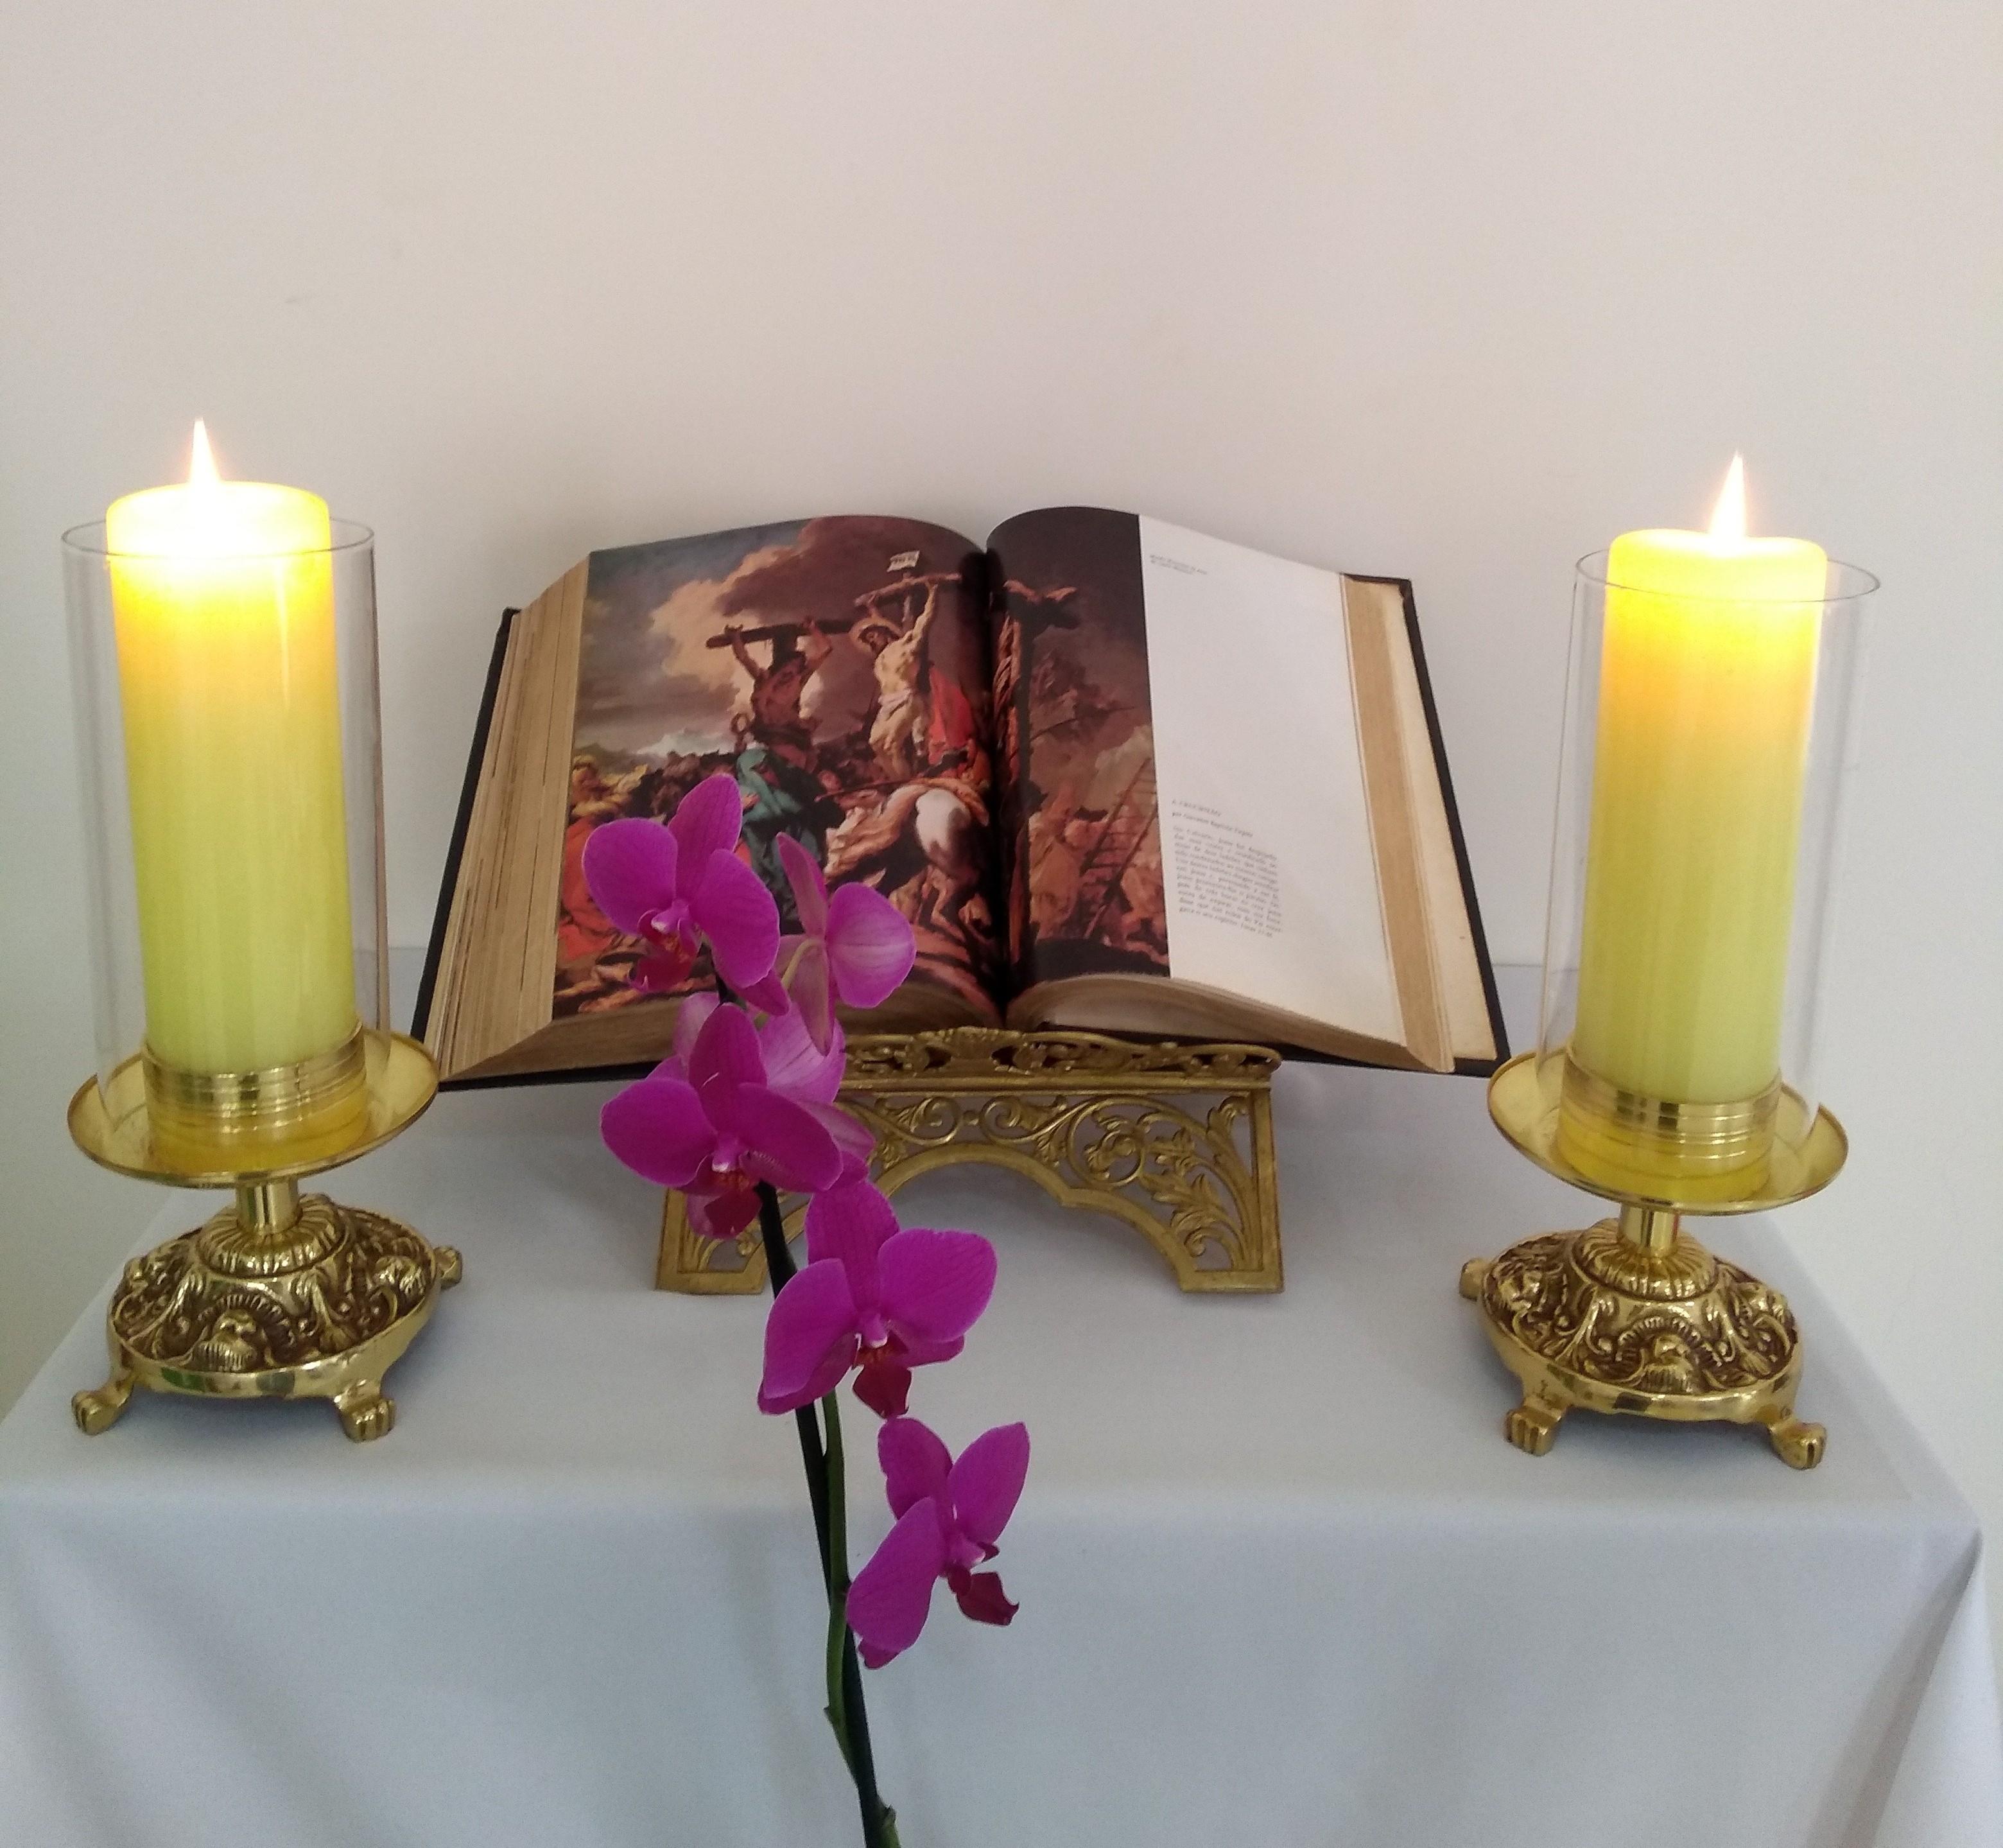 SETEMBRO O MÊS DA BÍBLIA